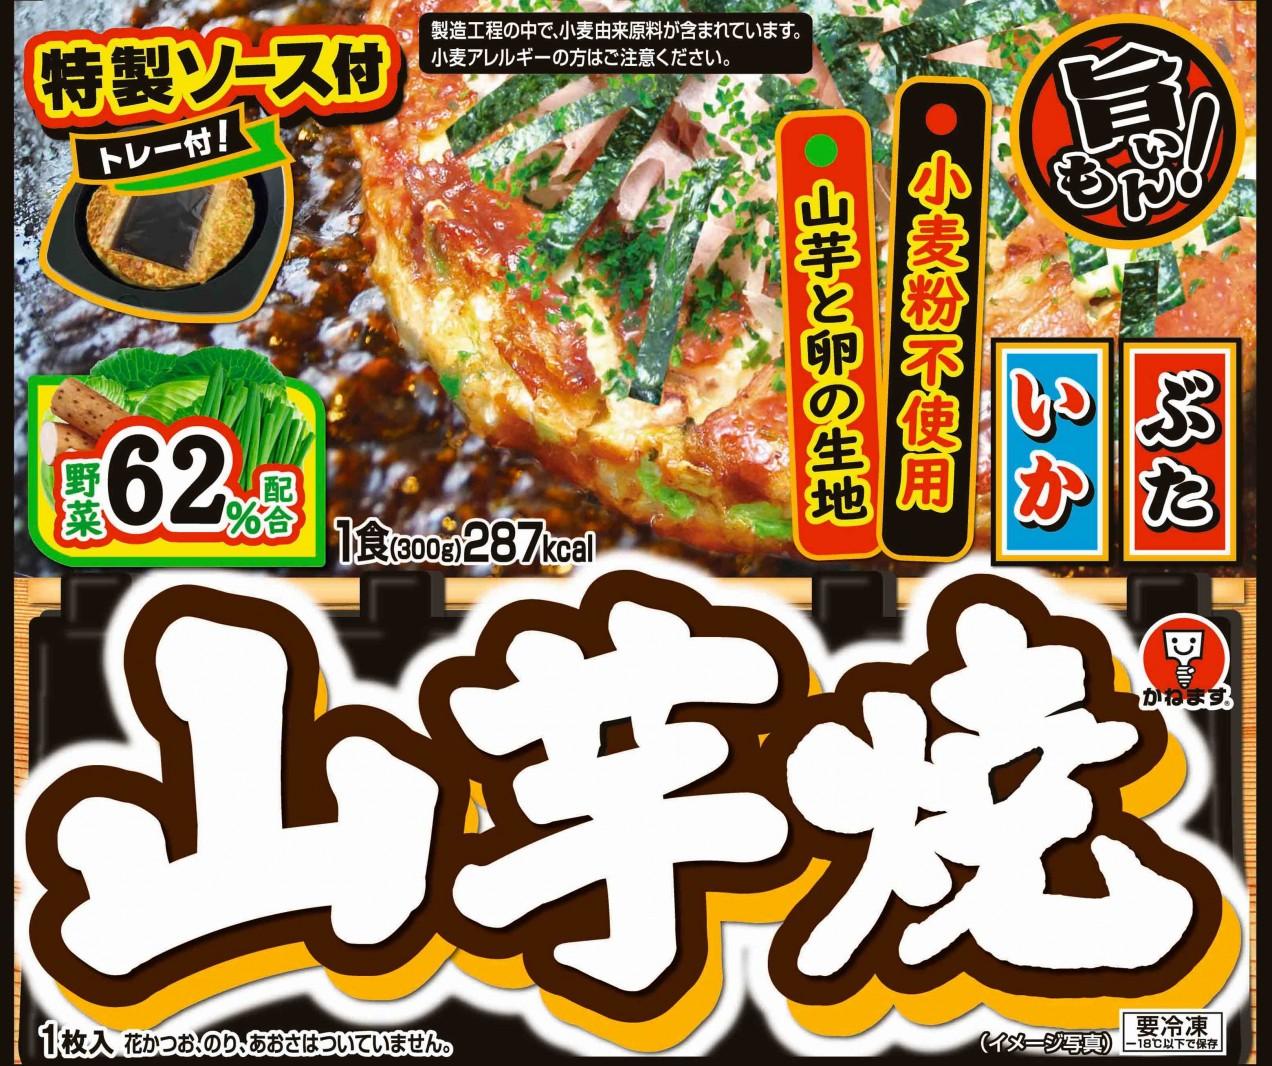 豚、いか入りの「山芋焼」など、たっぷりリッチに「旨いもん」シリーズ充実(かねます食品)